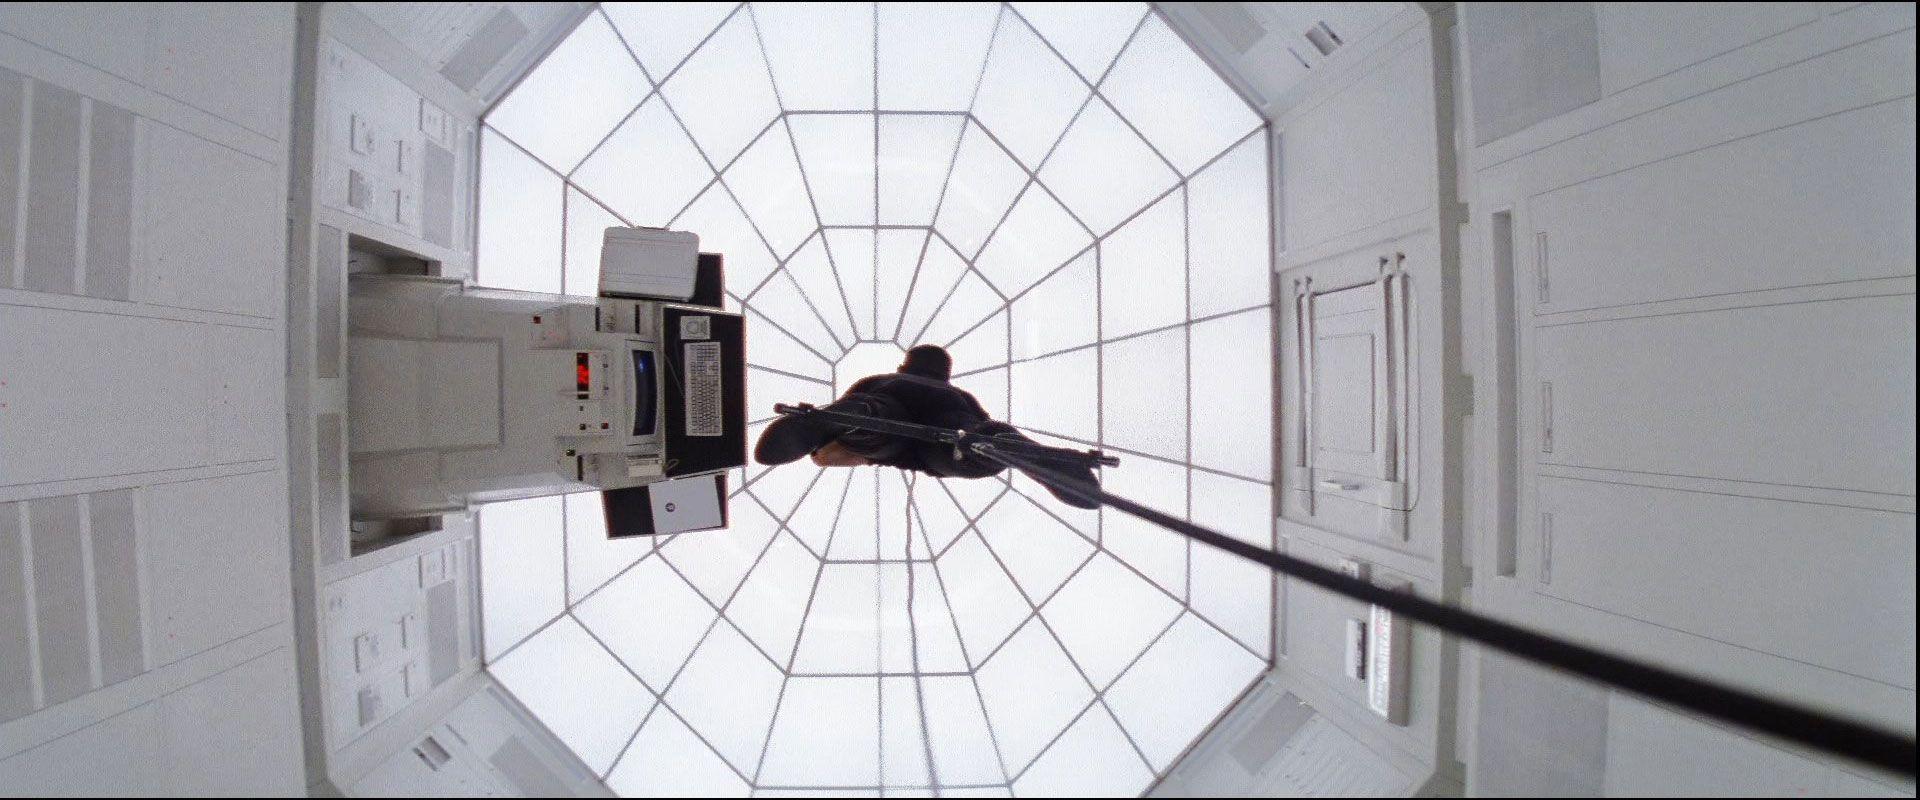 Mission: Impossible, un'immagine tratta dalla celebre sequenza della rapina dei dati nella sede CIA